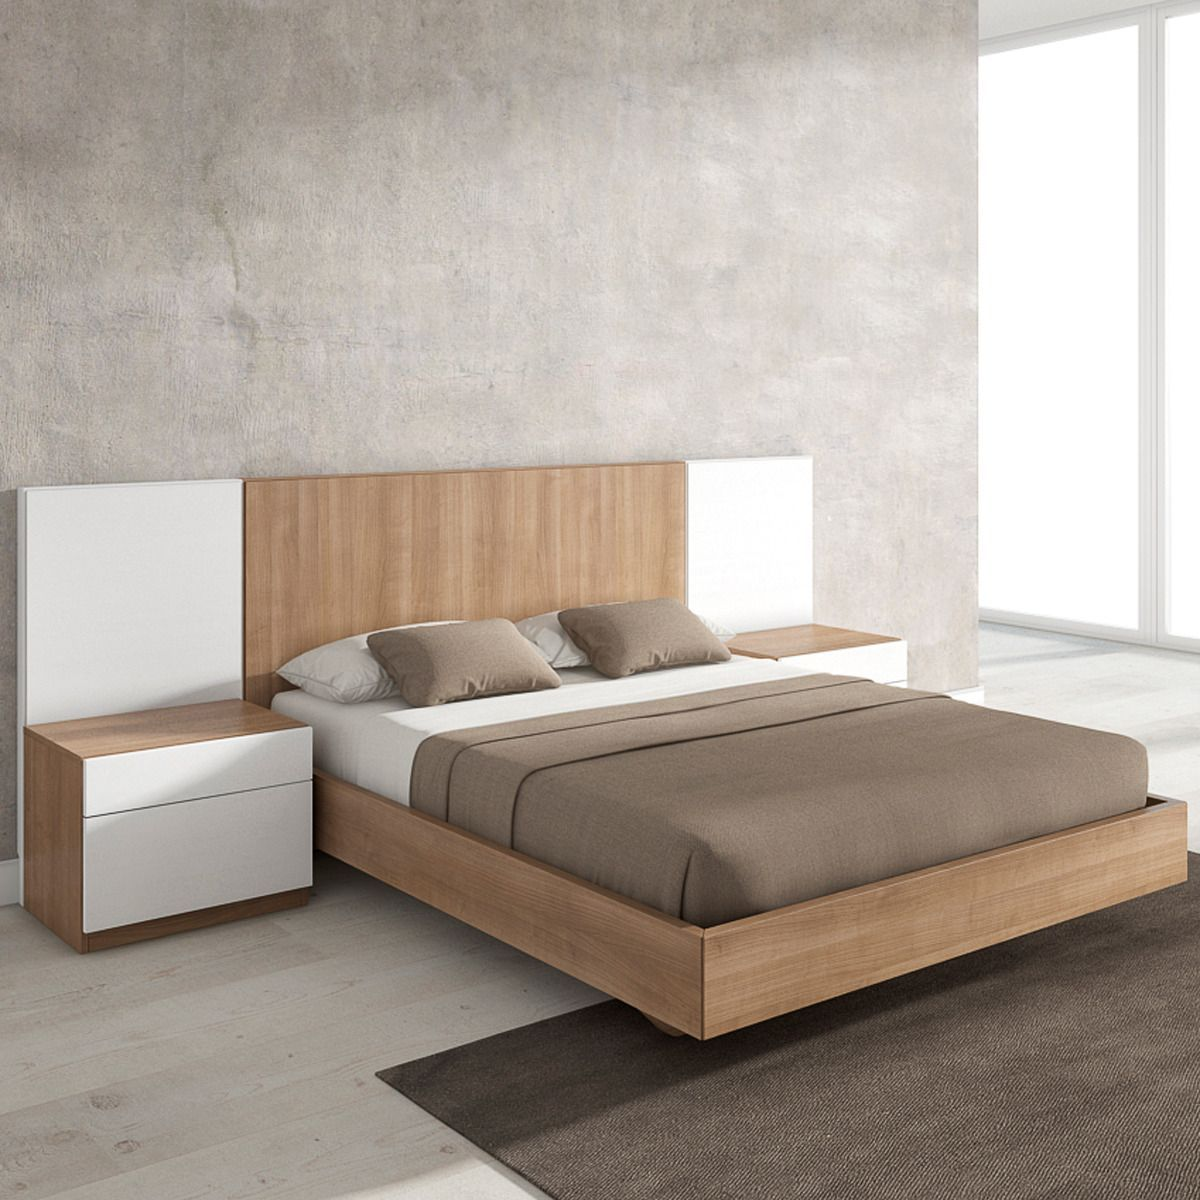 Laminated Beds Sku Lb95 Bed Furniture Design Bedroom Furniture Design Double Bed Designs